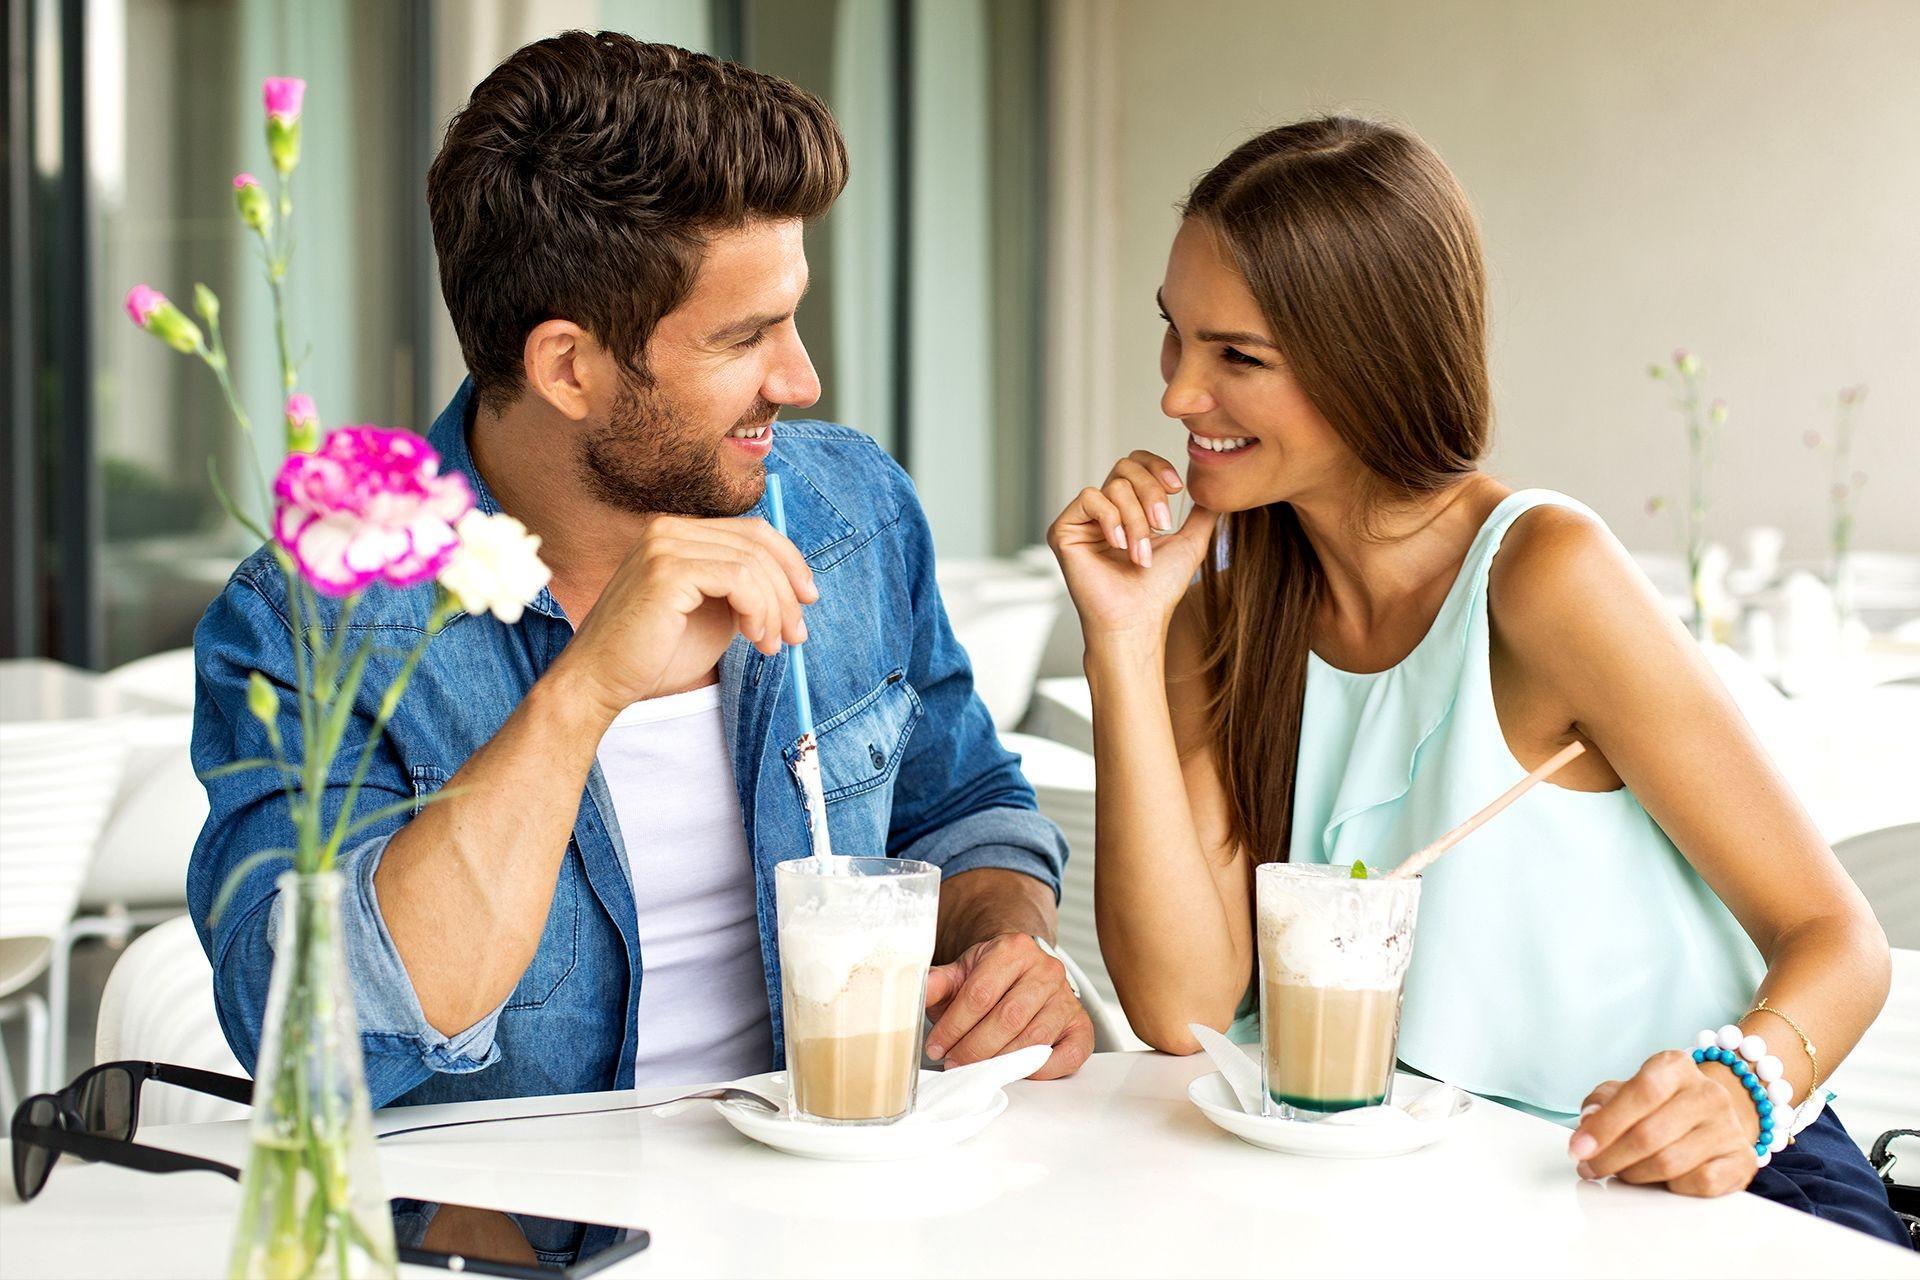 Стоит ли строить серьезные отношения, если мужчина бабник и как понять это с начала общения